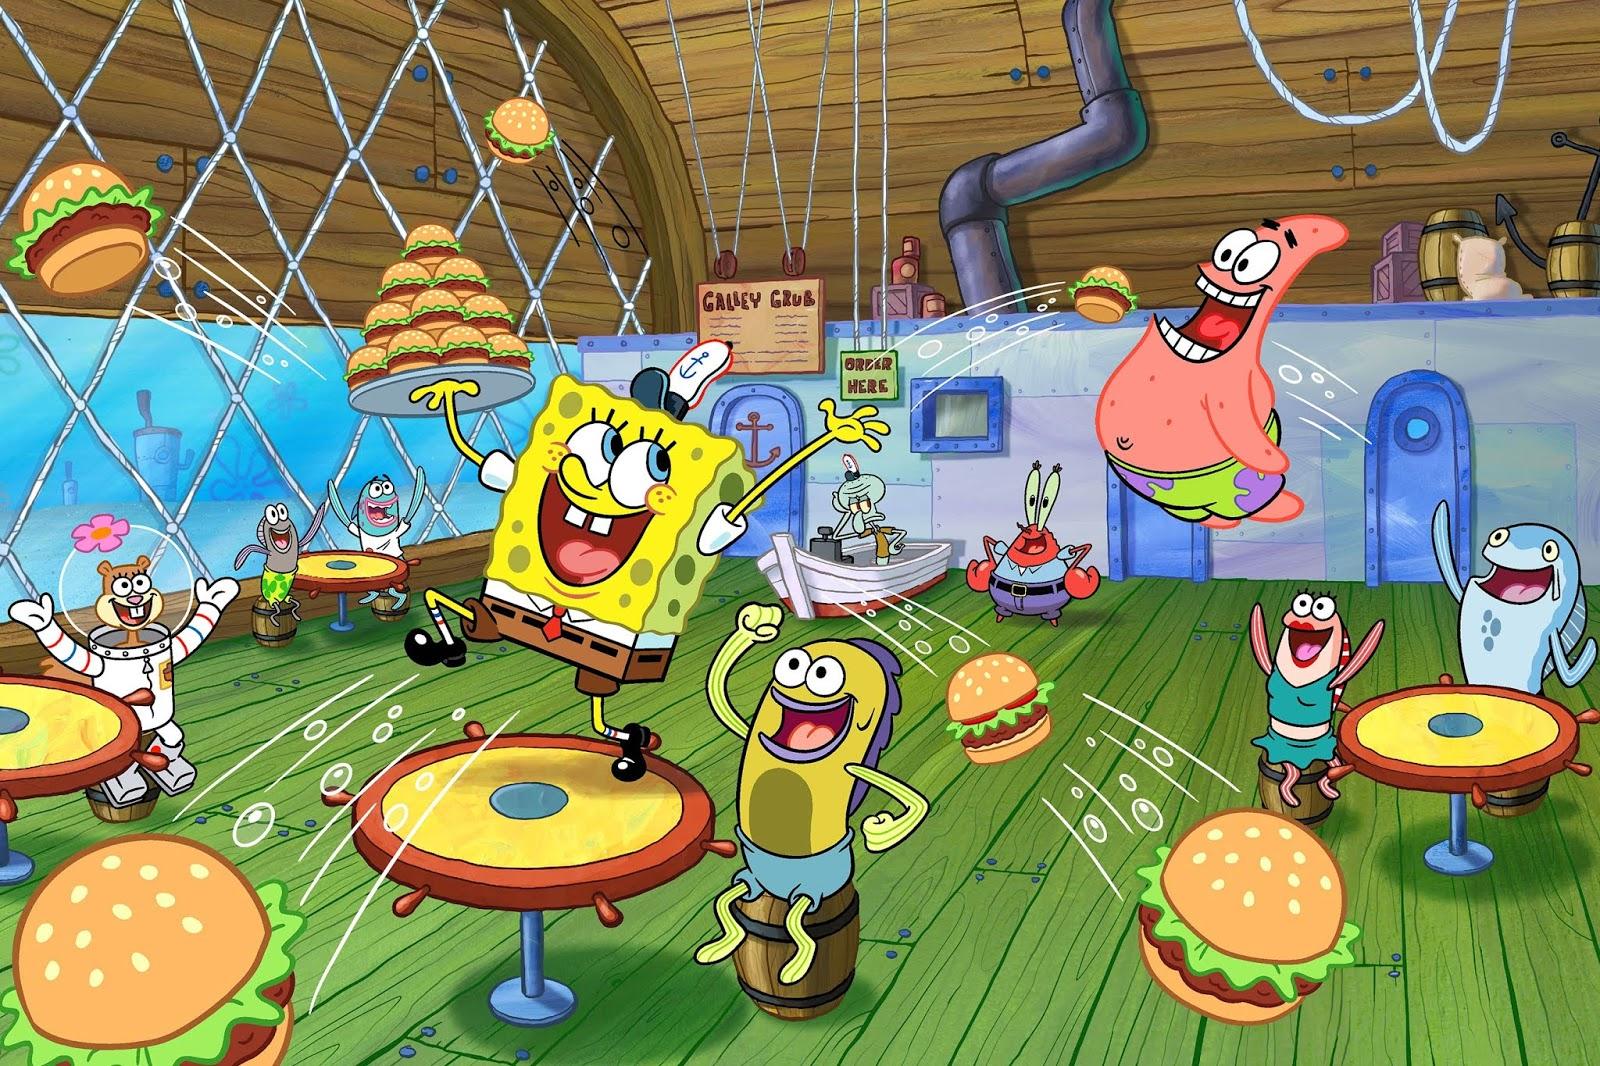 Spongebob Halloween Episode 2020 NickALive!: Nickelodeon to Premiere 'SpongeBob Appreciation Day